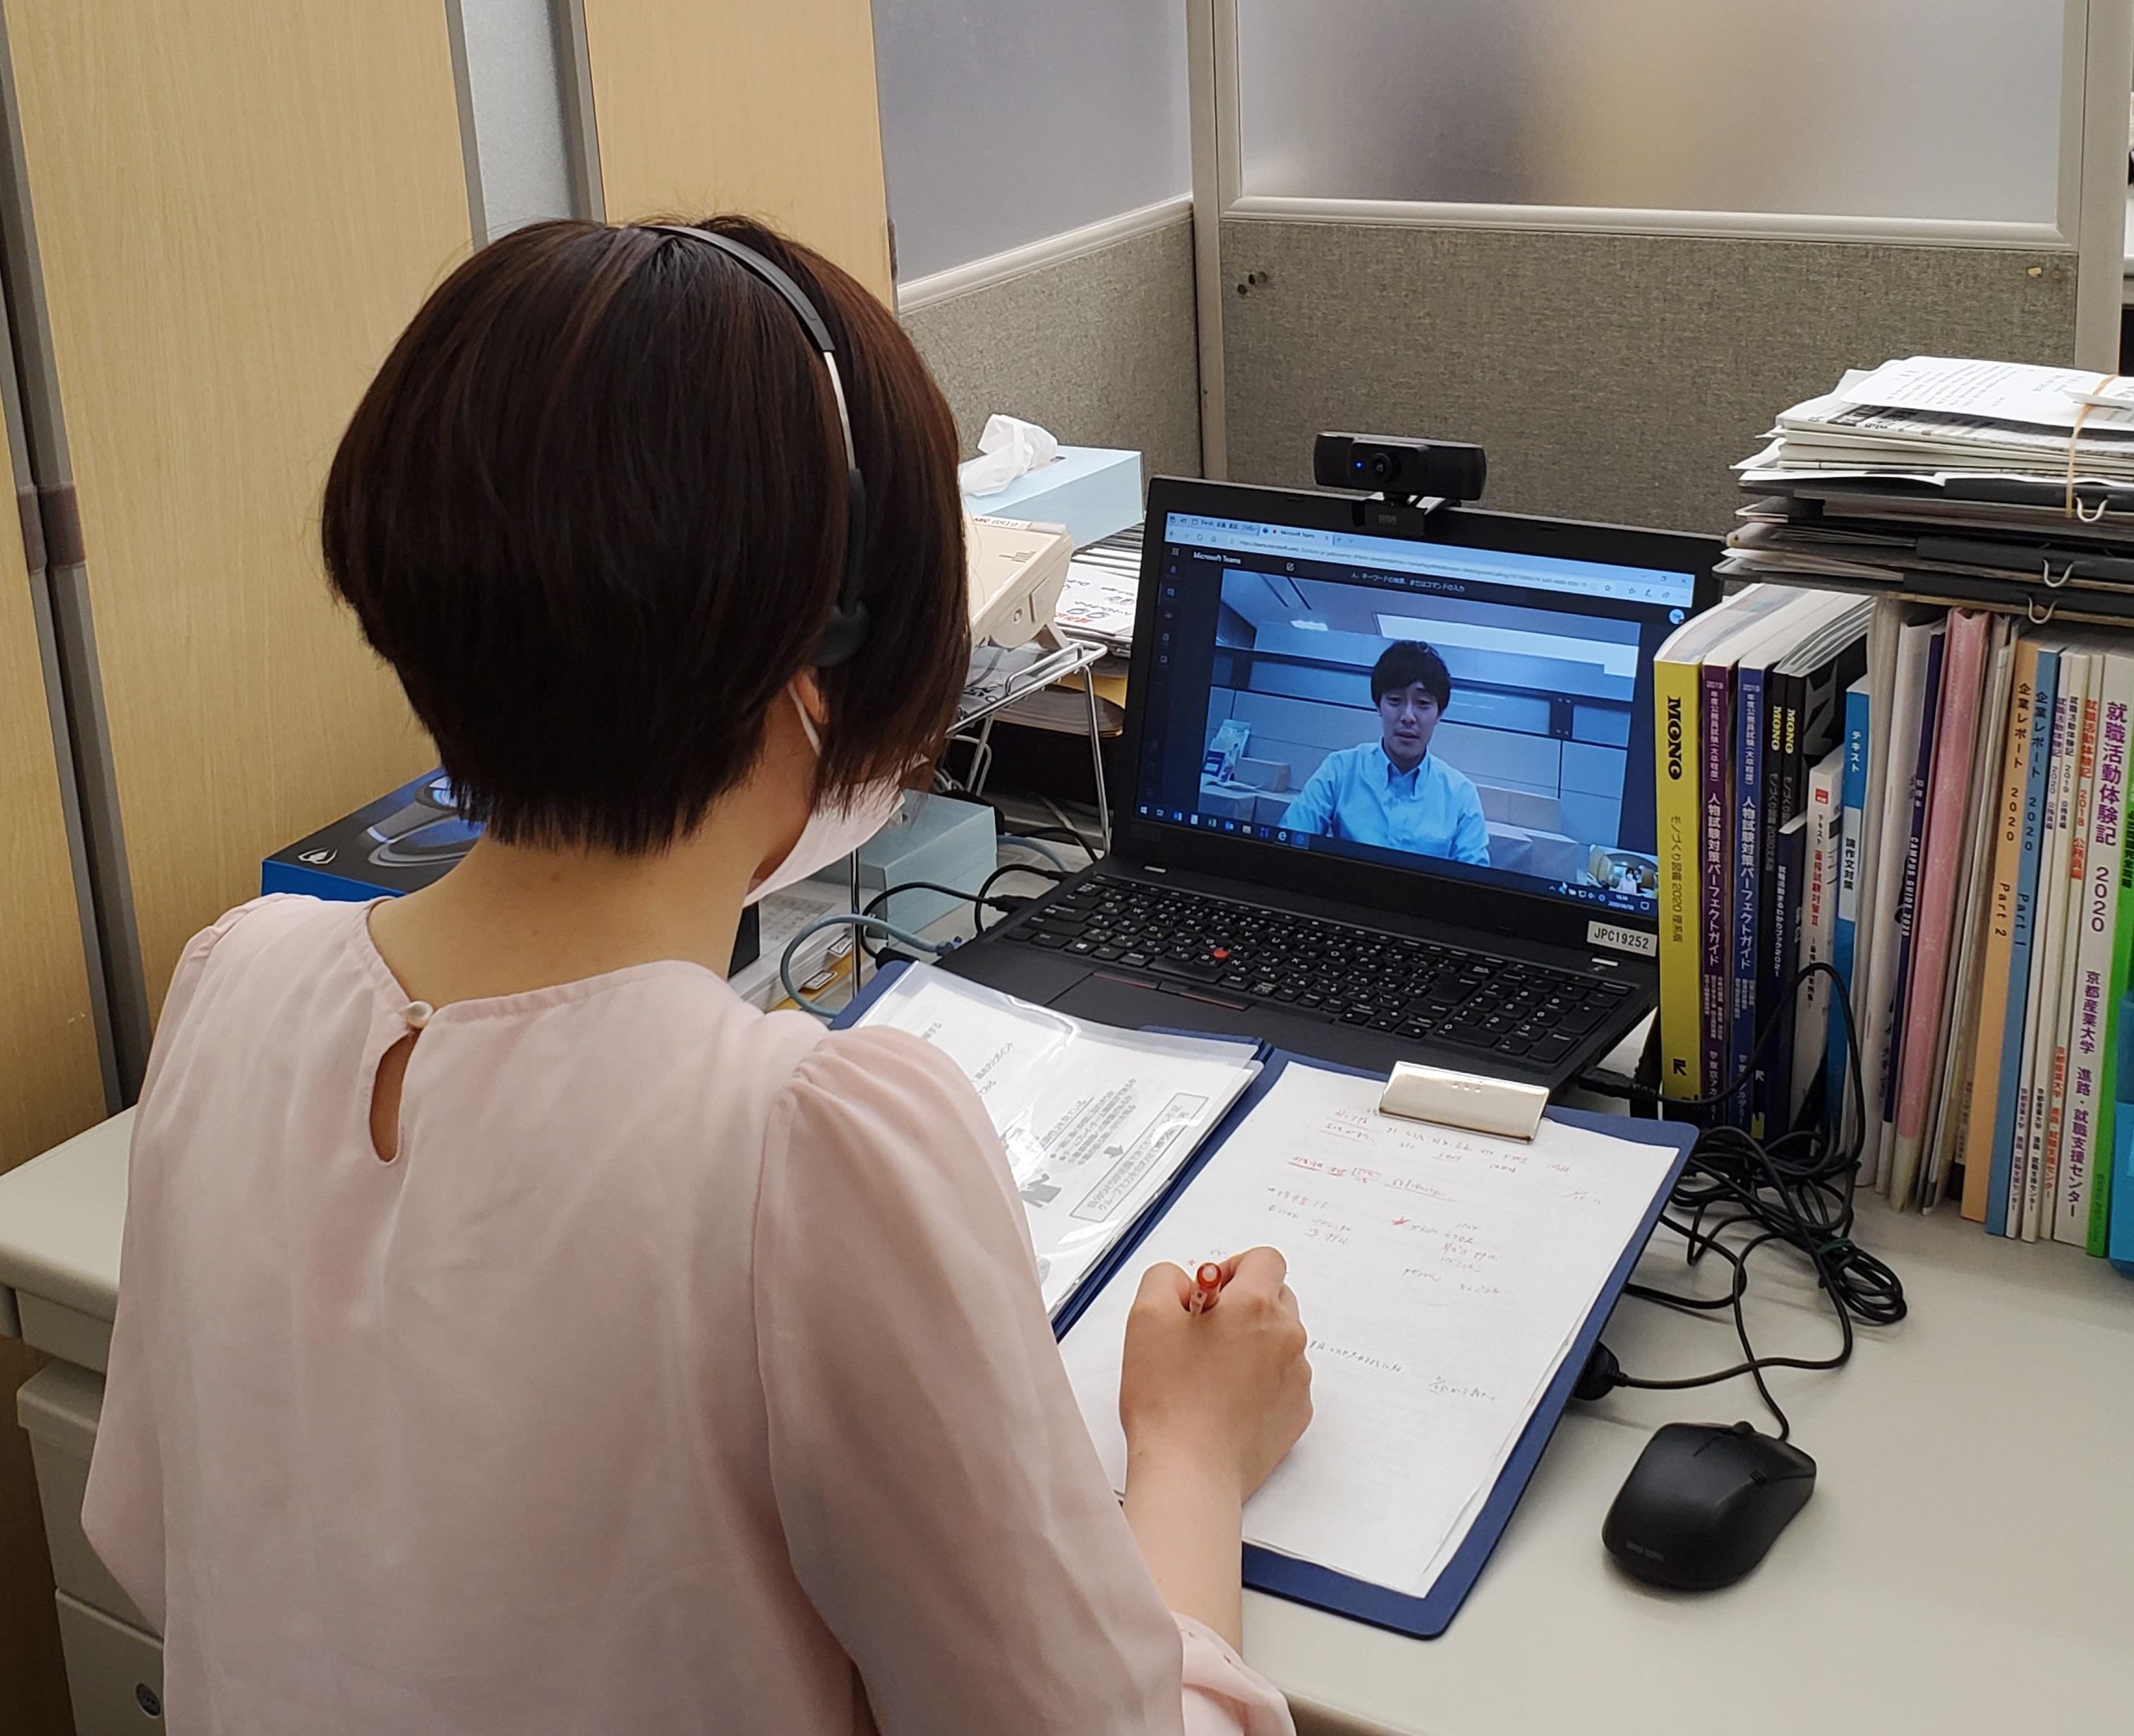 就職に強い京都産業大学!オンラインでも一人一人にきめ細かいサポートで、就職活動中の学生を全力で支援